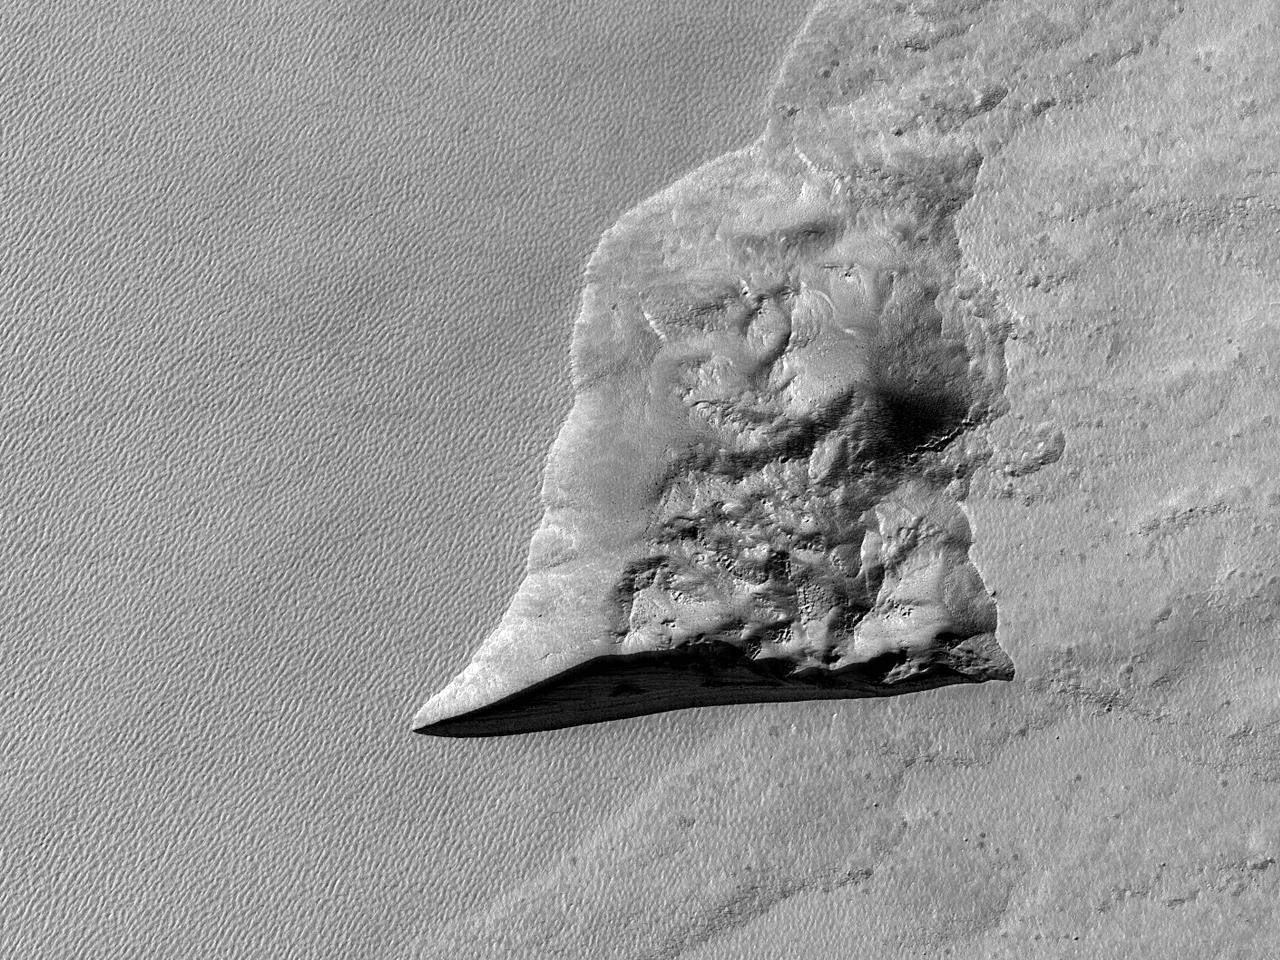 Предположительно обнажение льда во впадине в стенке кратера